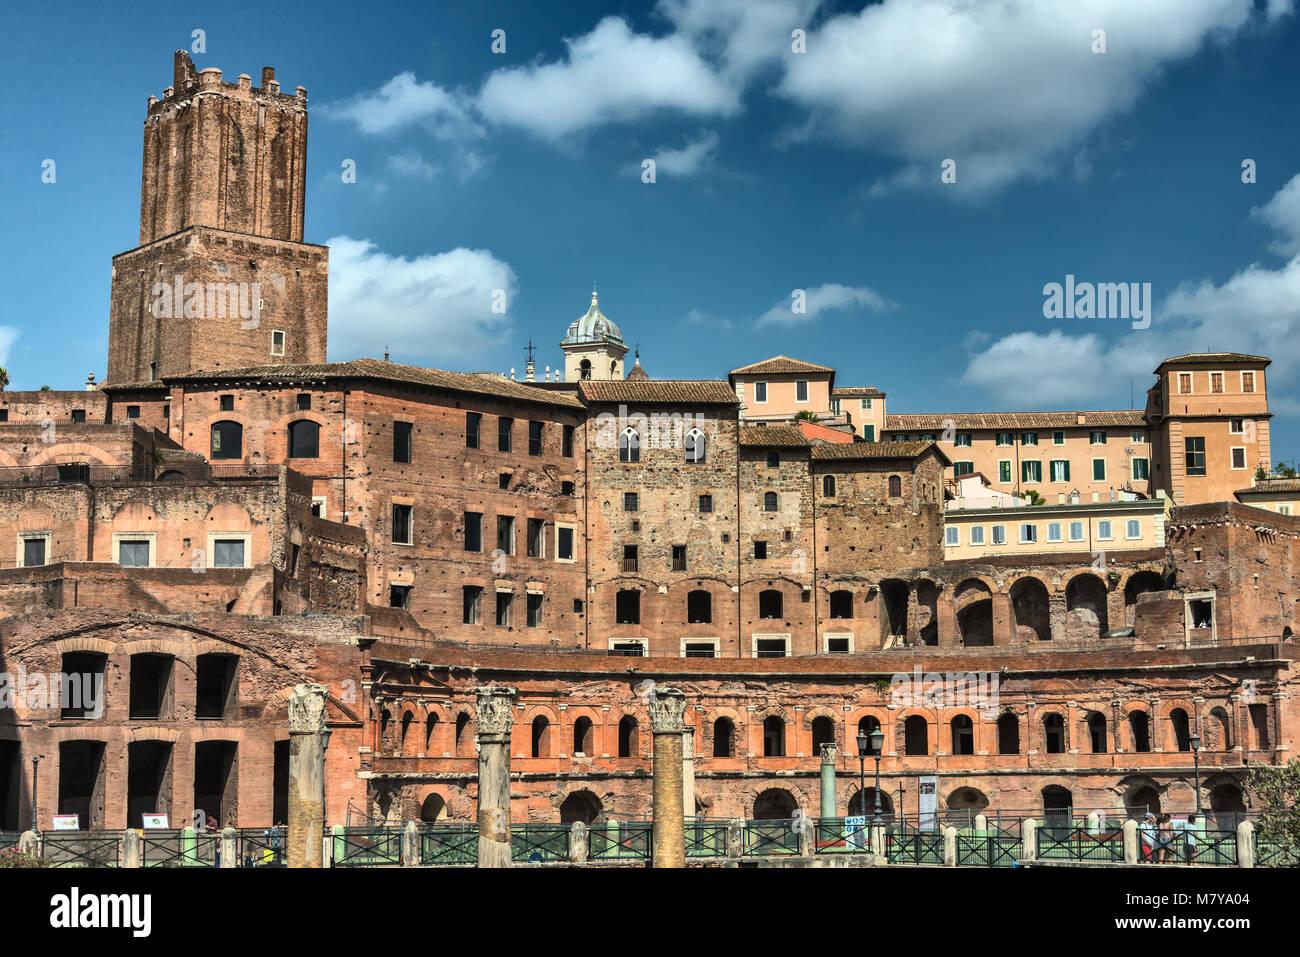 Das Trajansforum (Forum Traiani) in Rom - Stock Image